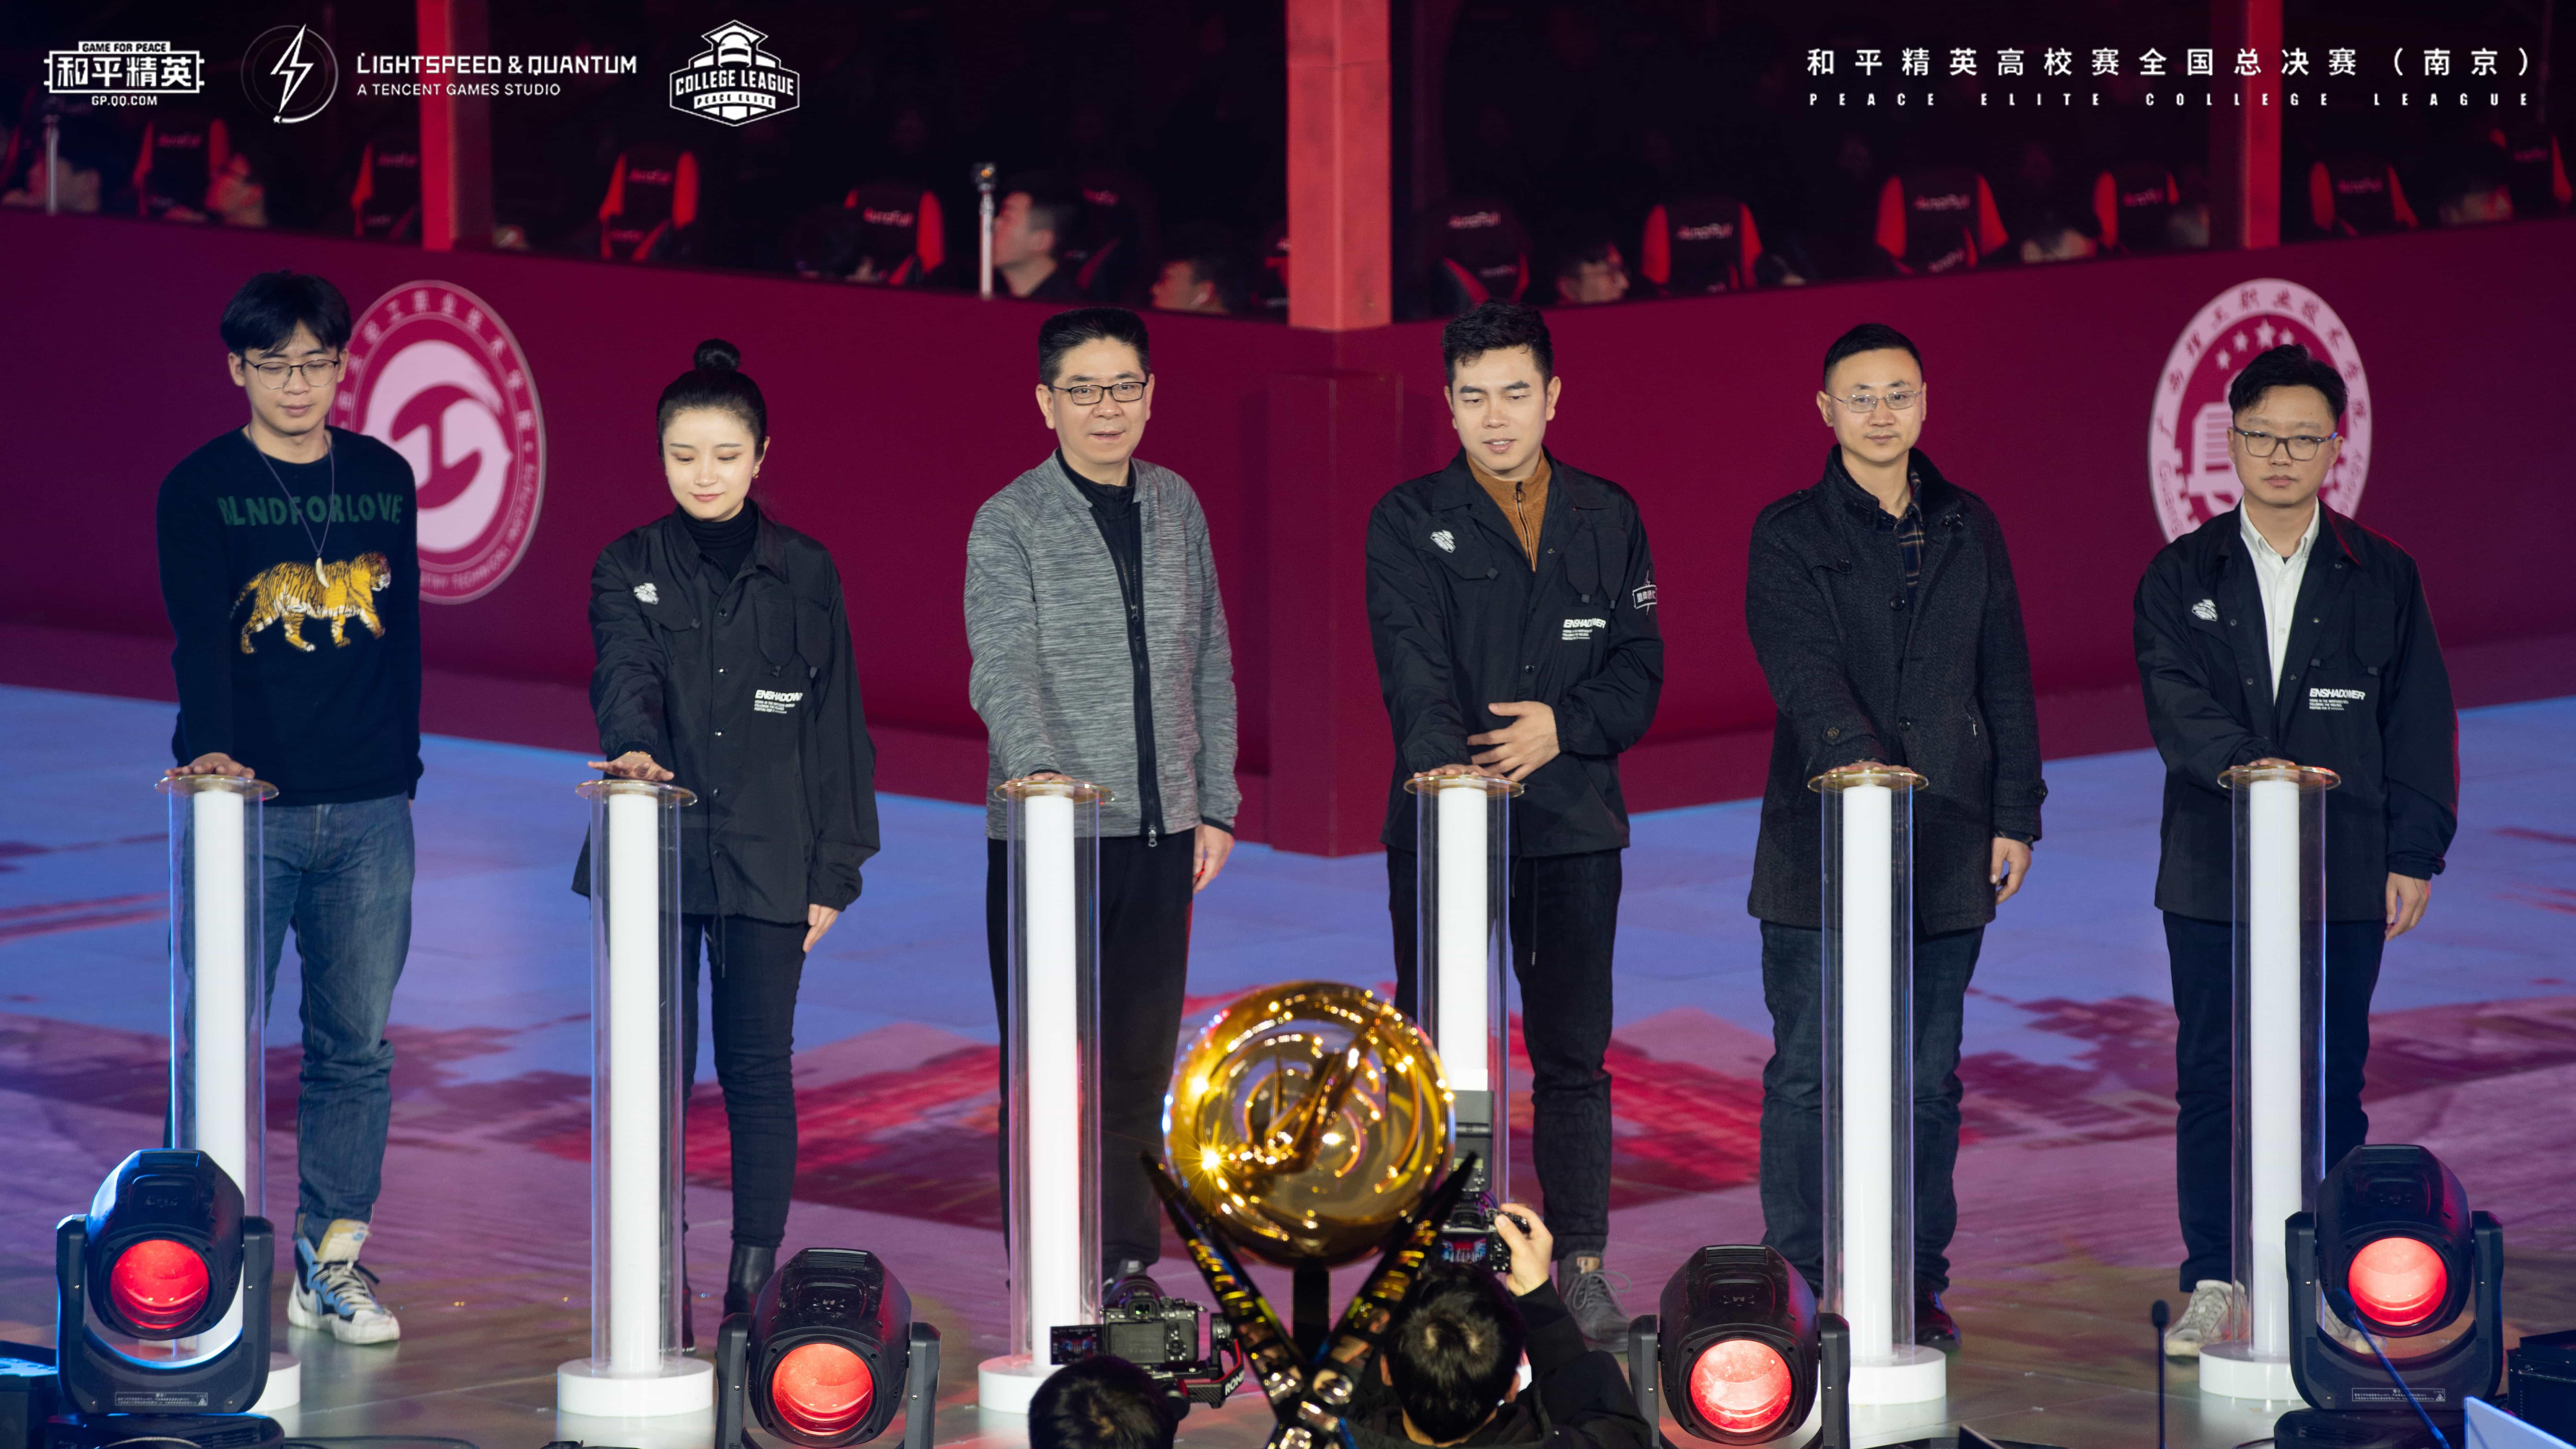 曹妃甸战队斩获首届和平精英高校赛冠军,年轻派对打造学子展示舞台